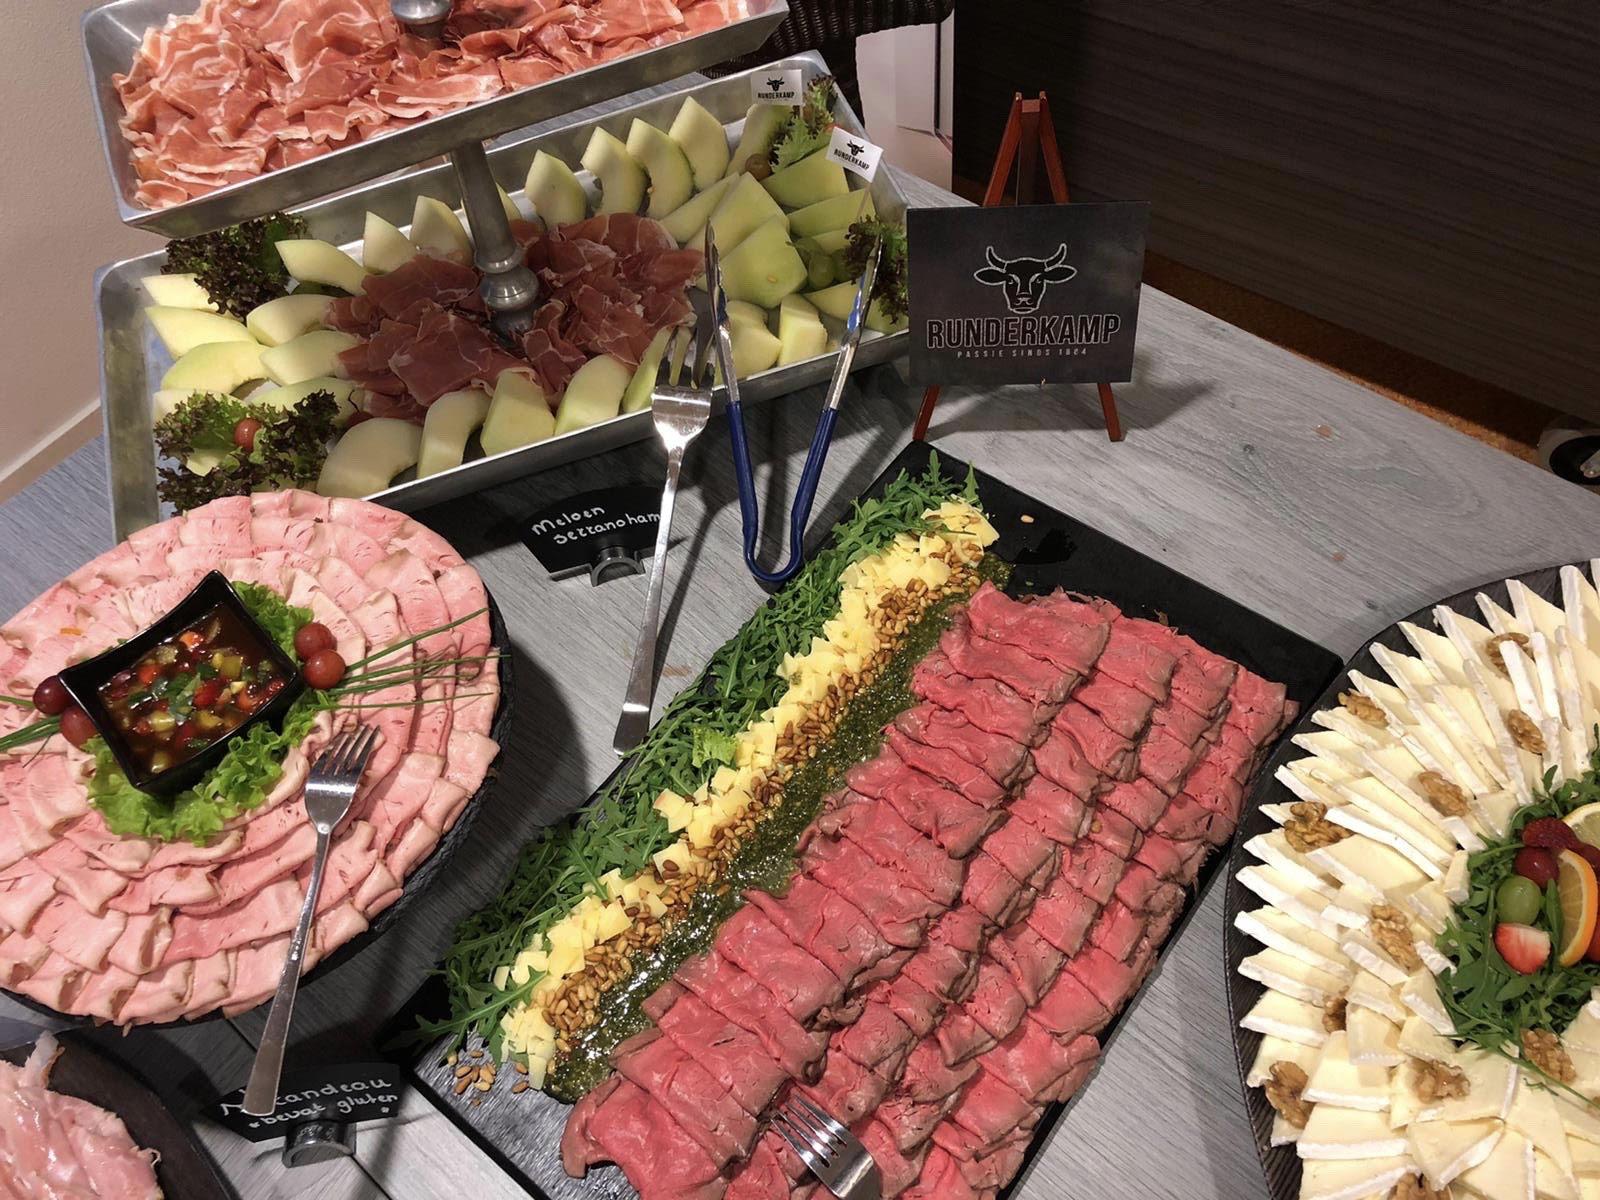 BBQ Catering door héél Nederland! | Runderkamp.nl